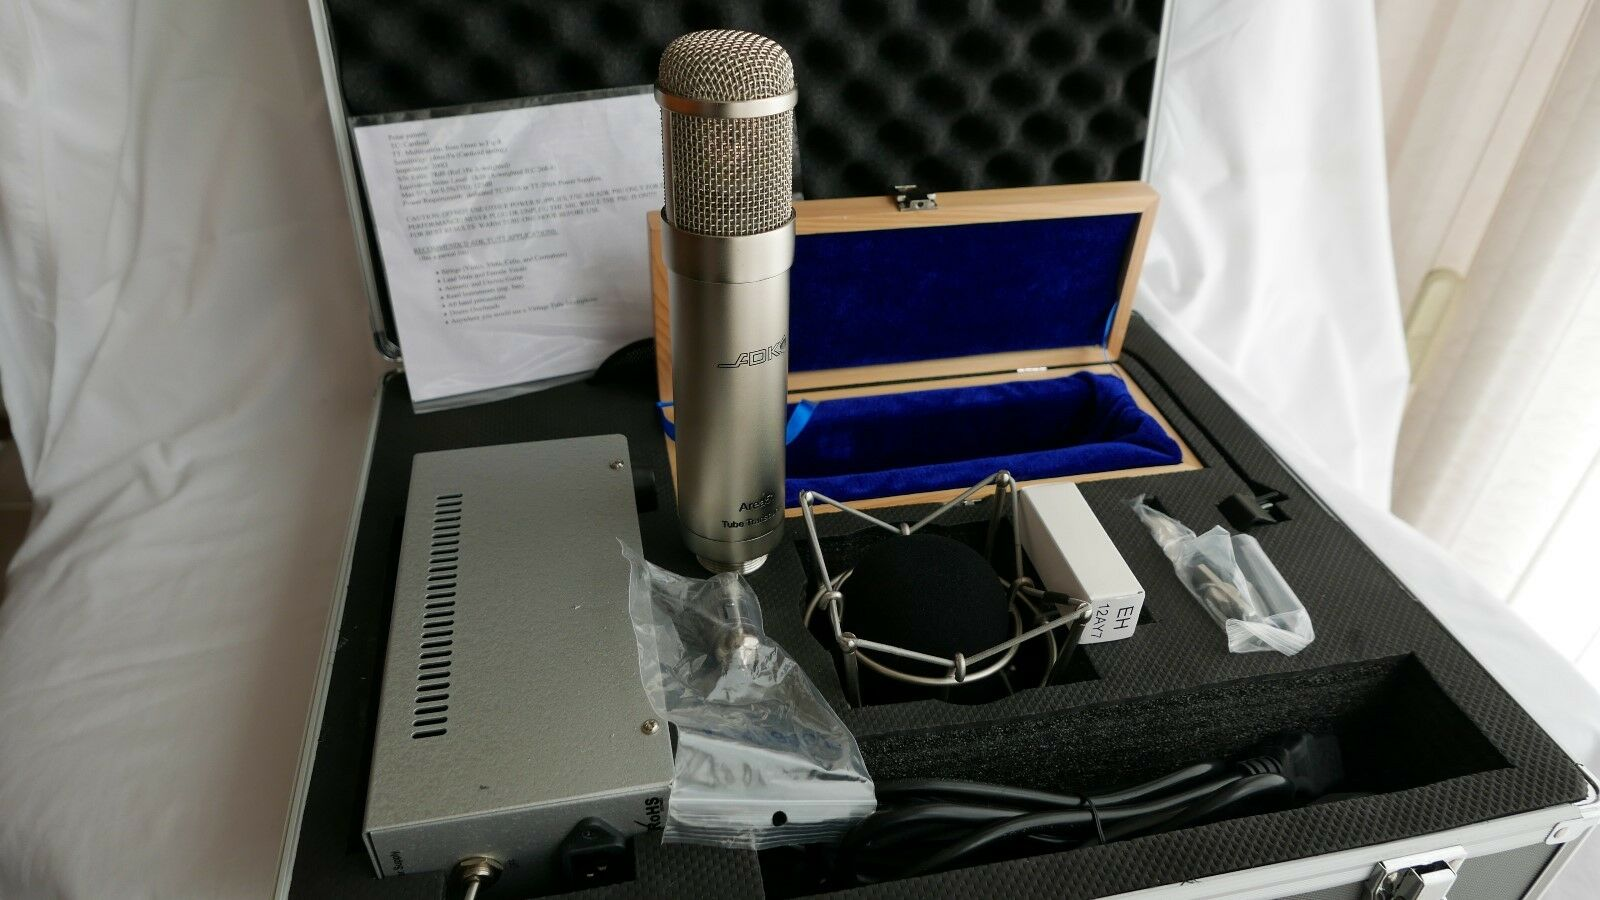 ADK TT-49 neun Muster Multi-Muster Tube Mikrofonsystem